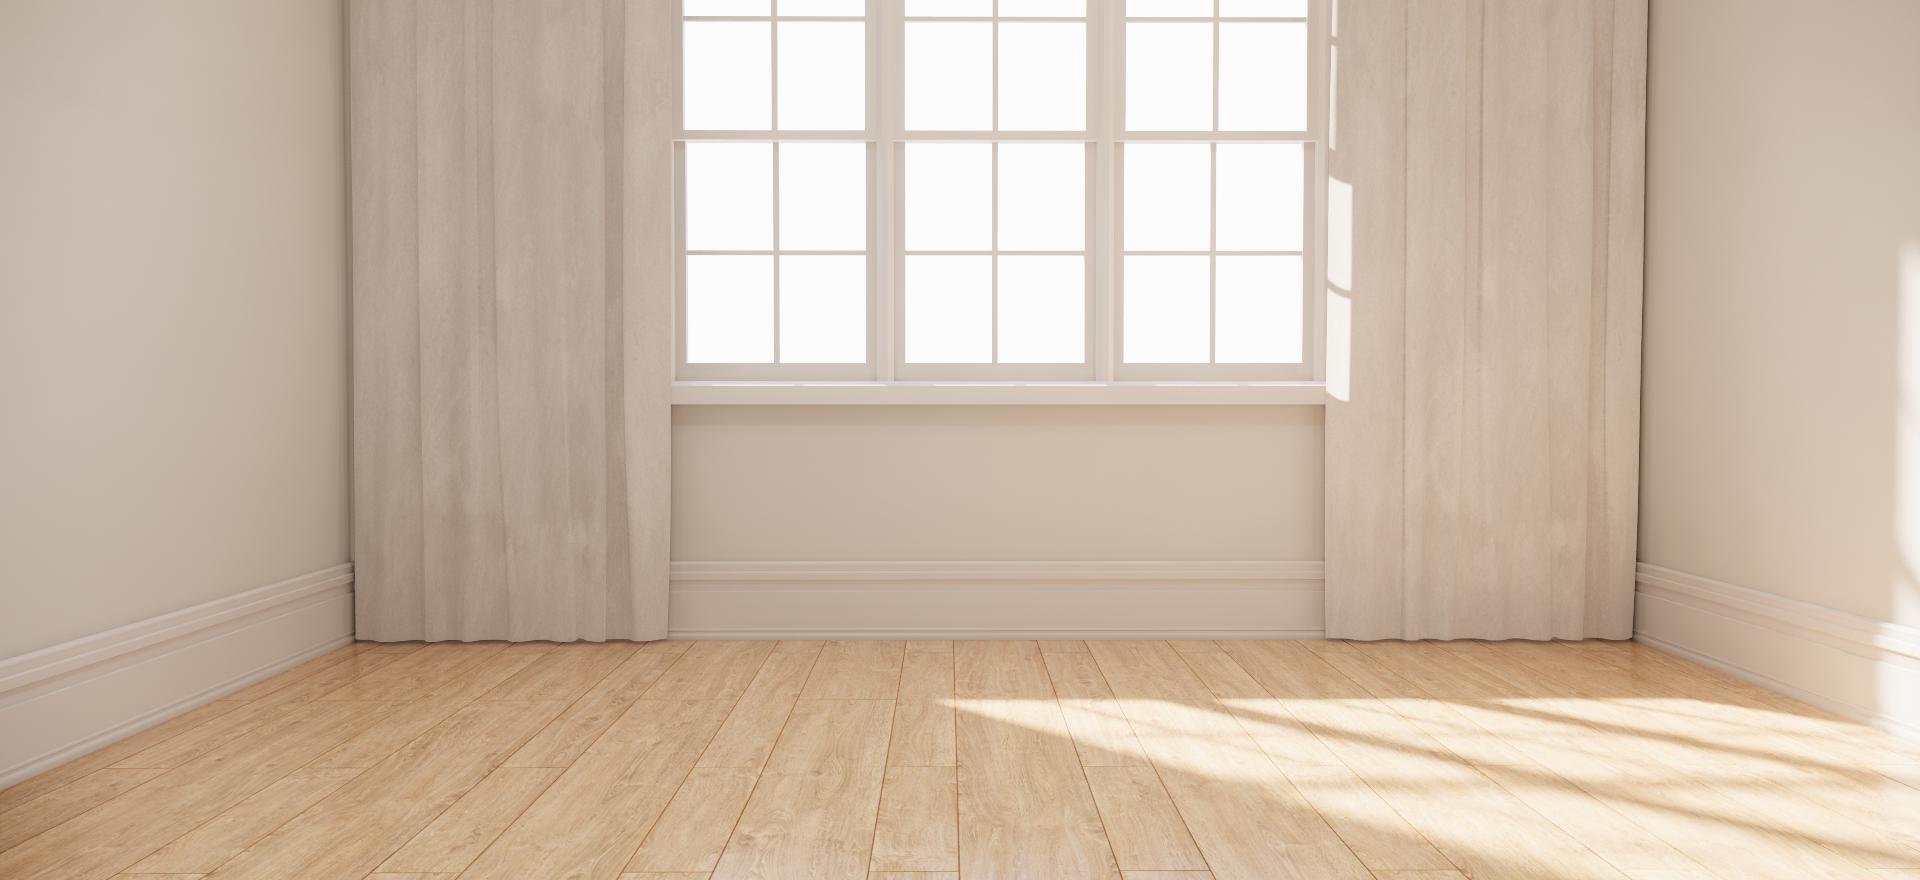 Wood Flooring 06.png